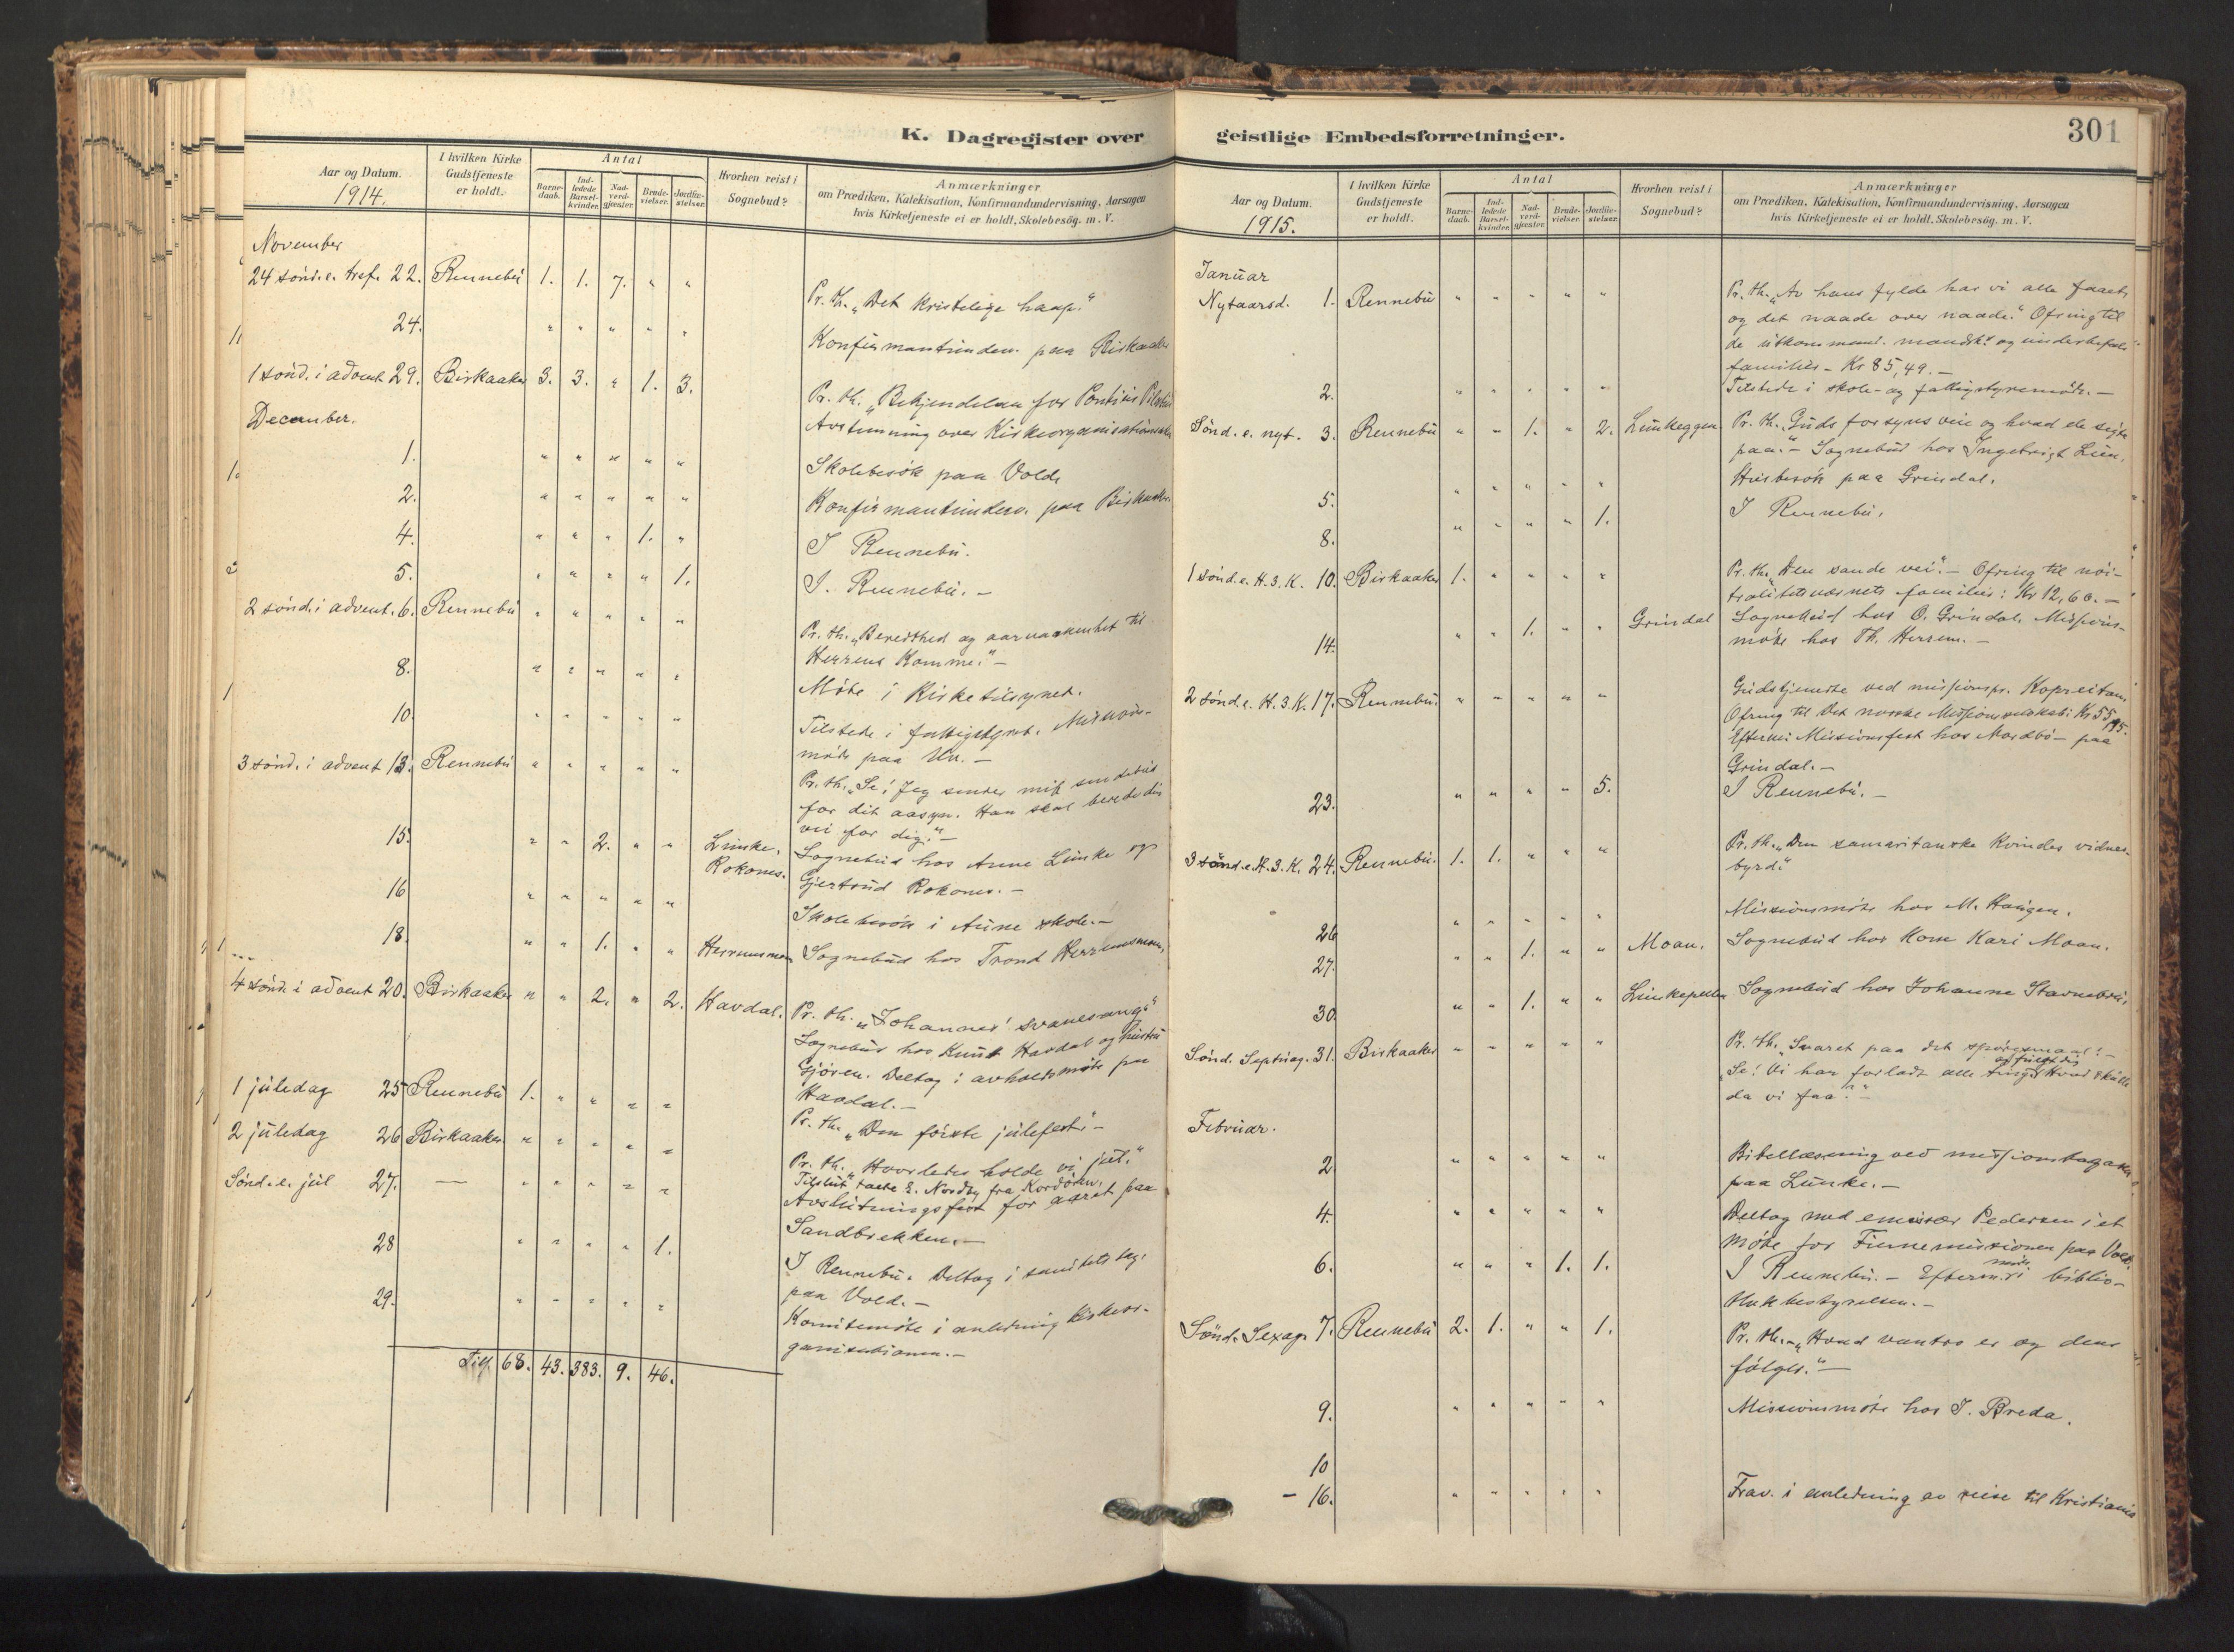 SAT, Ministerialprotokoller, klokkerbøker og fødselsregistre - Sør-Trøndelag, 674/L0873: Ministerialbok nr. 674A05, 1908-1923, s. 301